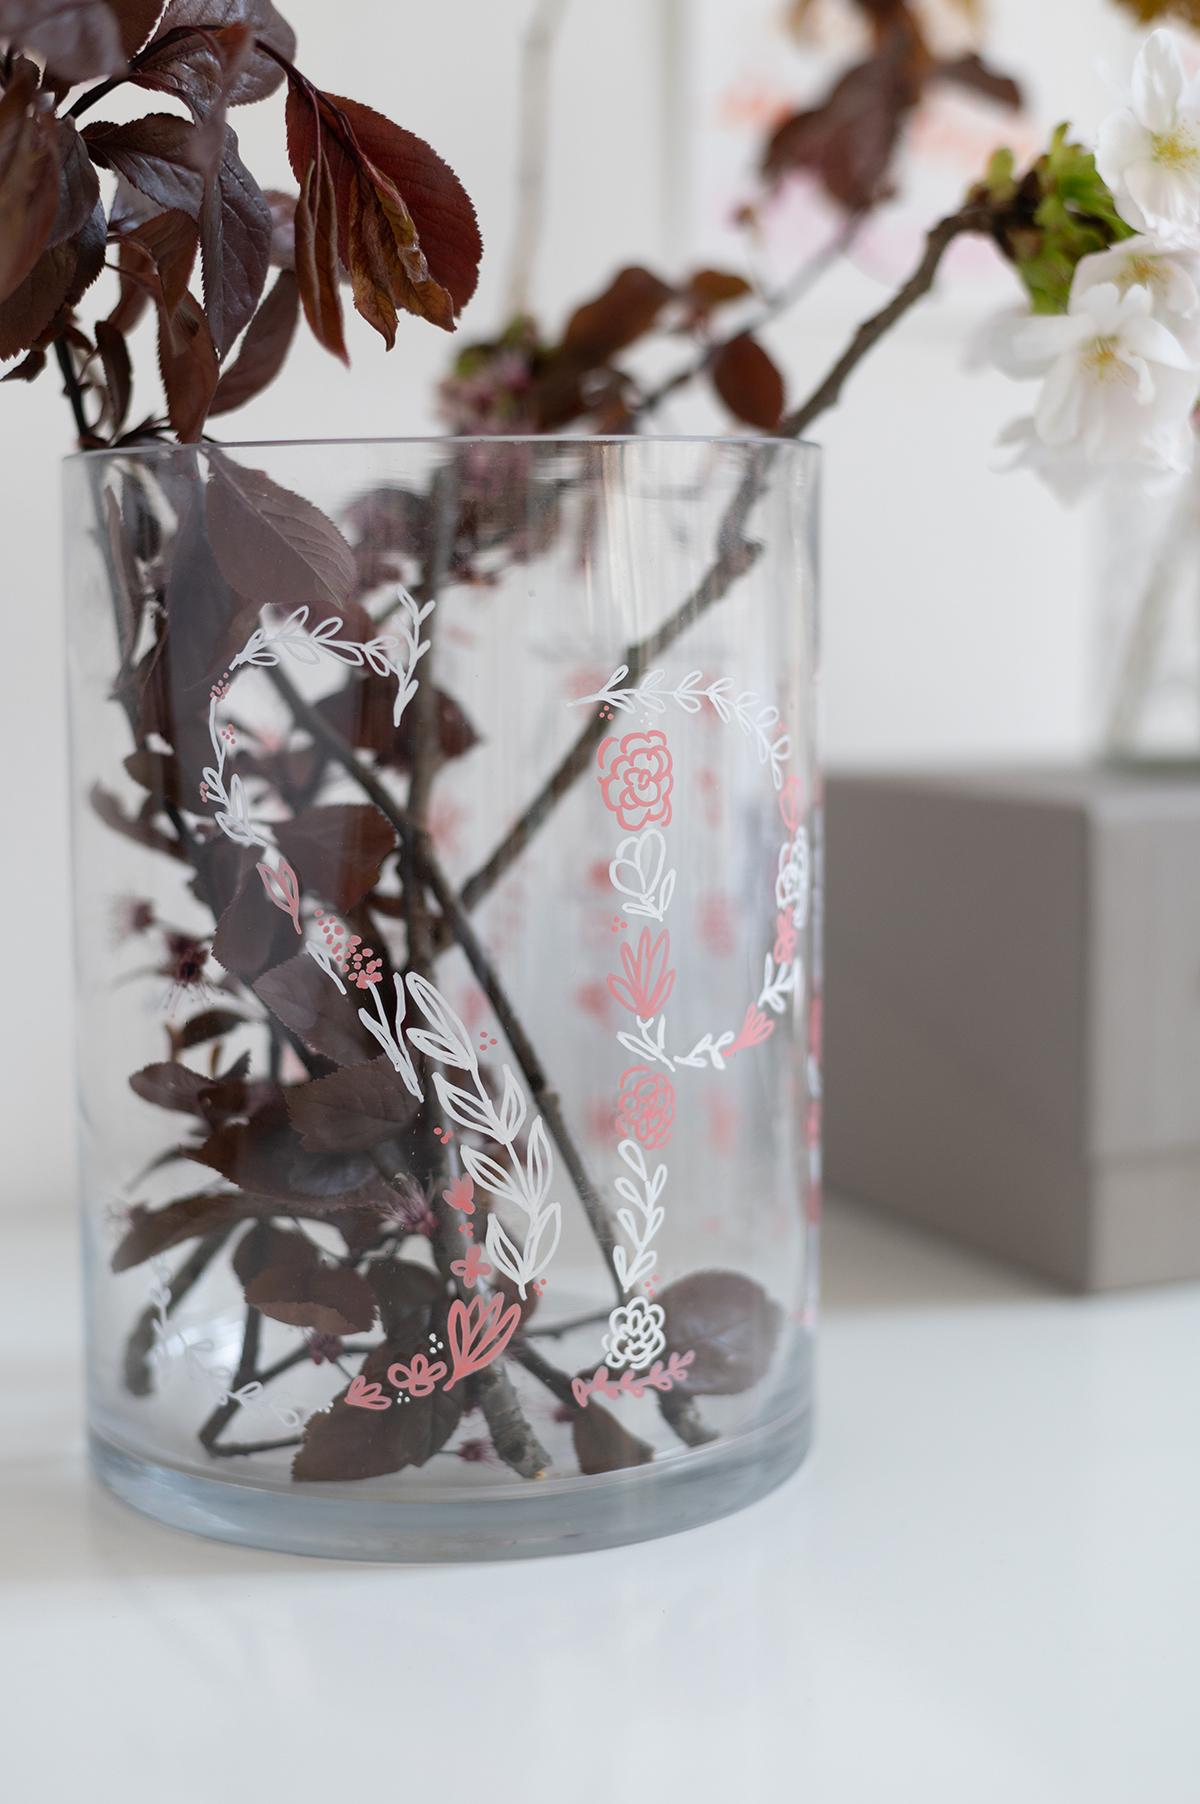 Spring Illustrationen mit Blumen | we love handmade